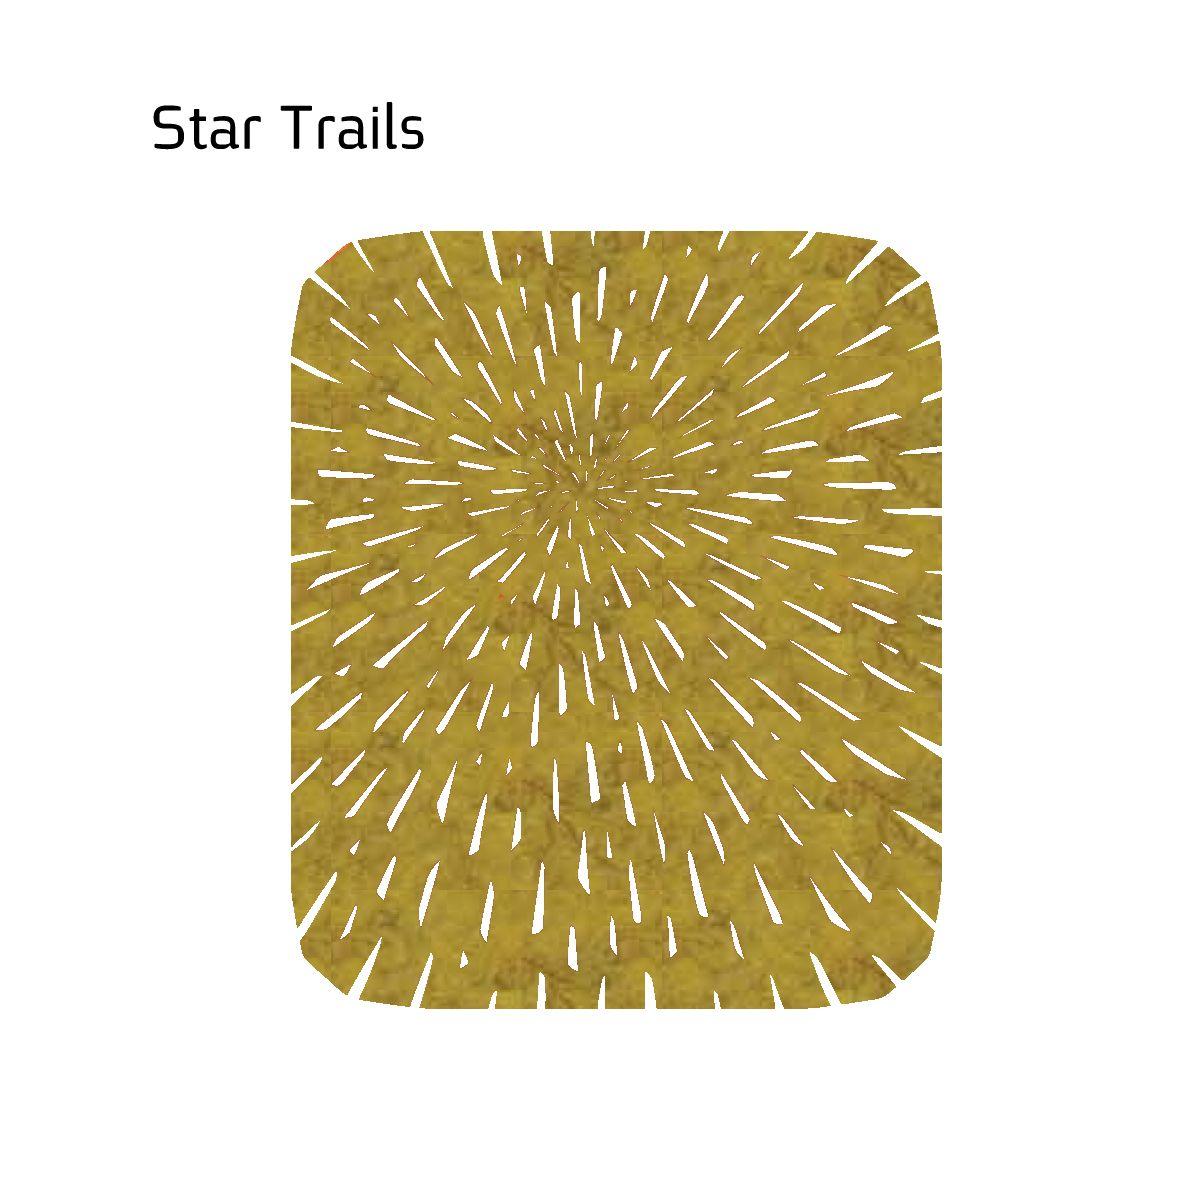 שטיח לבד STAR בצבע חרדל